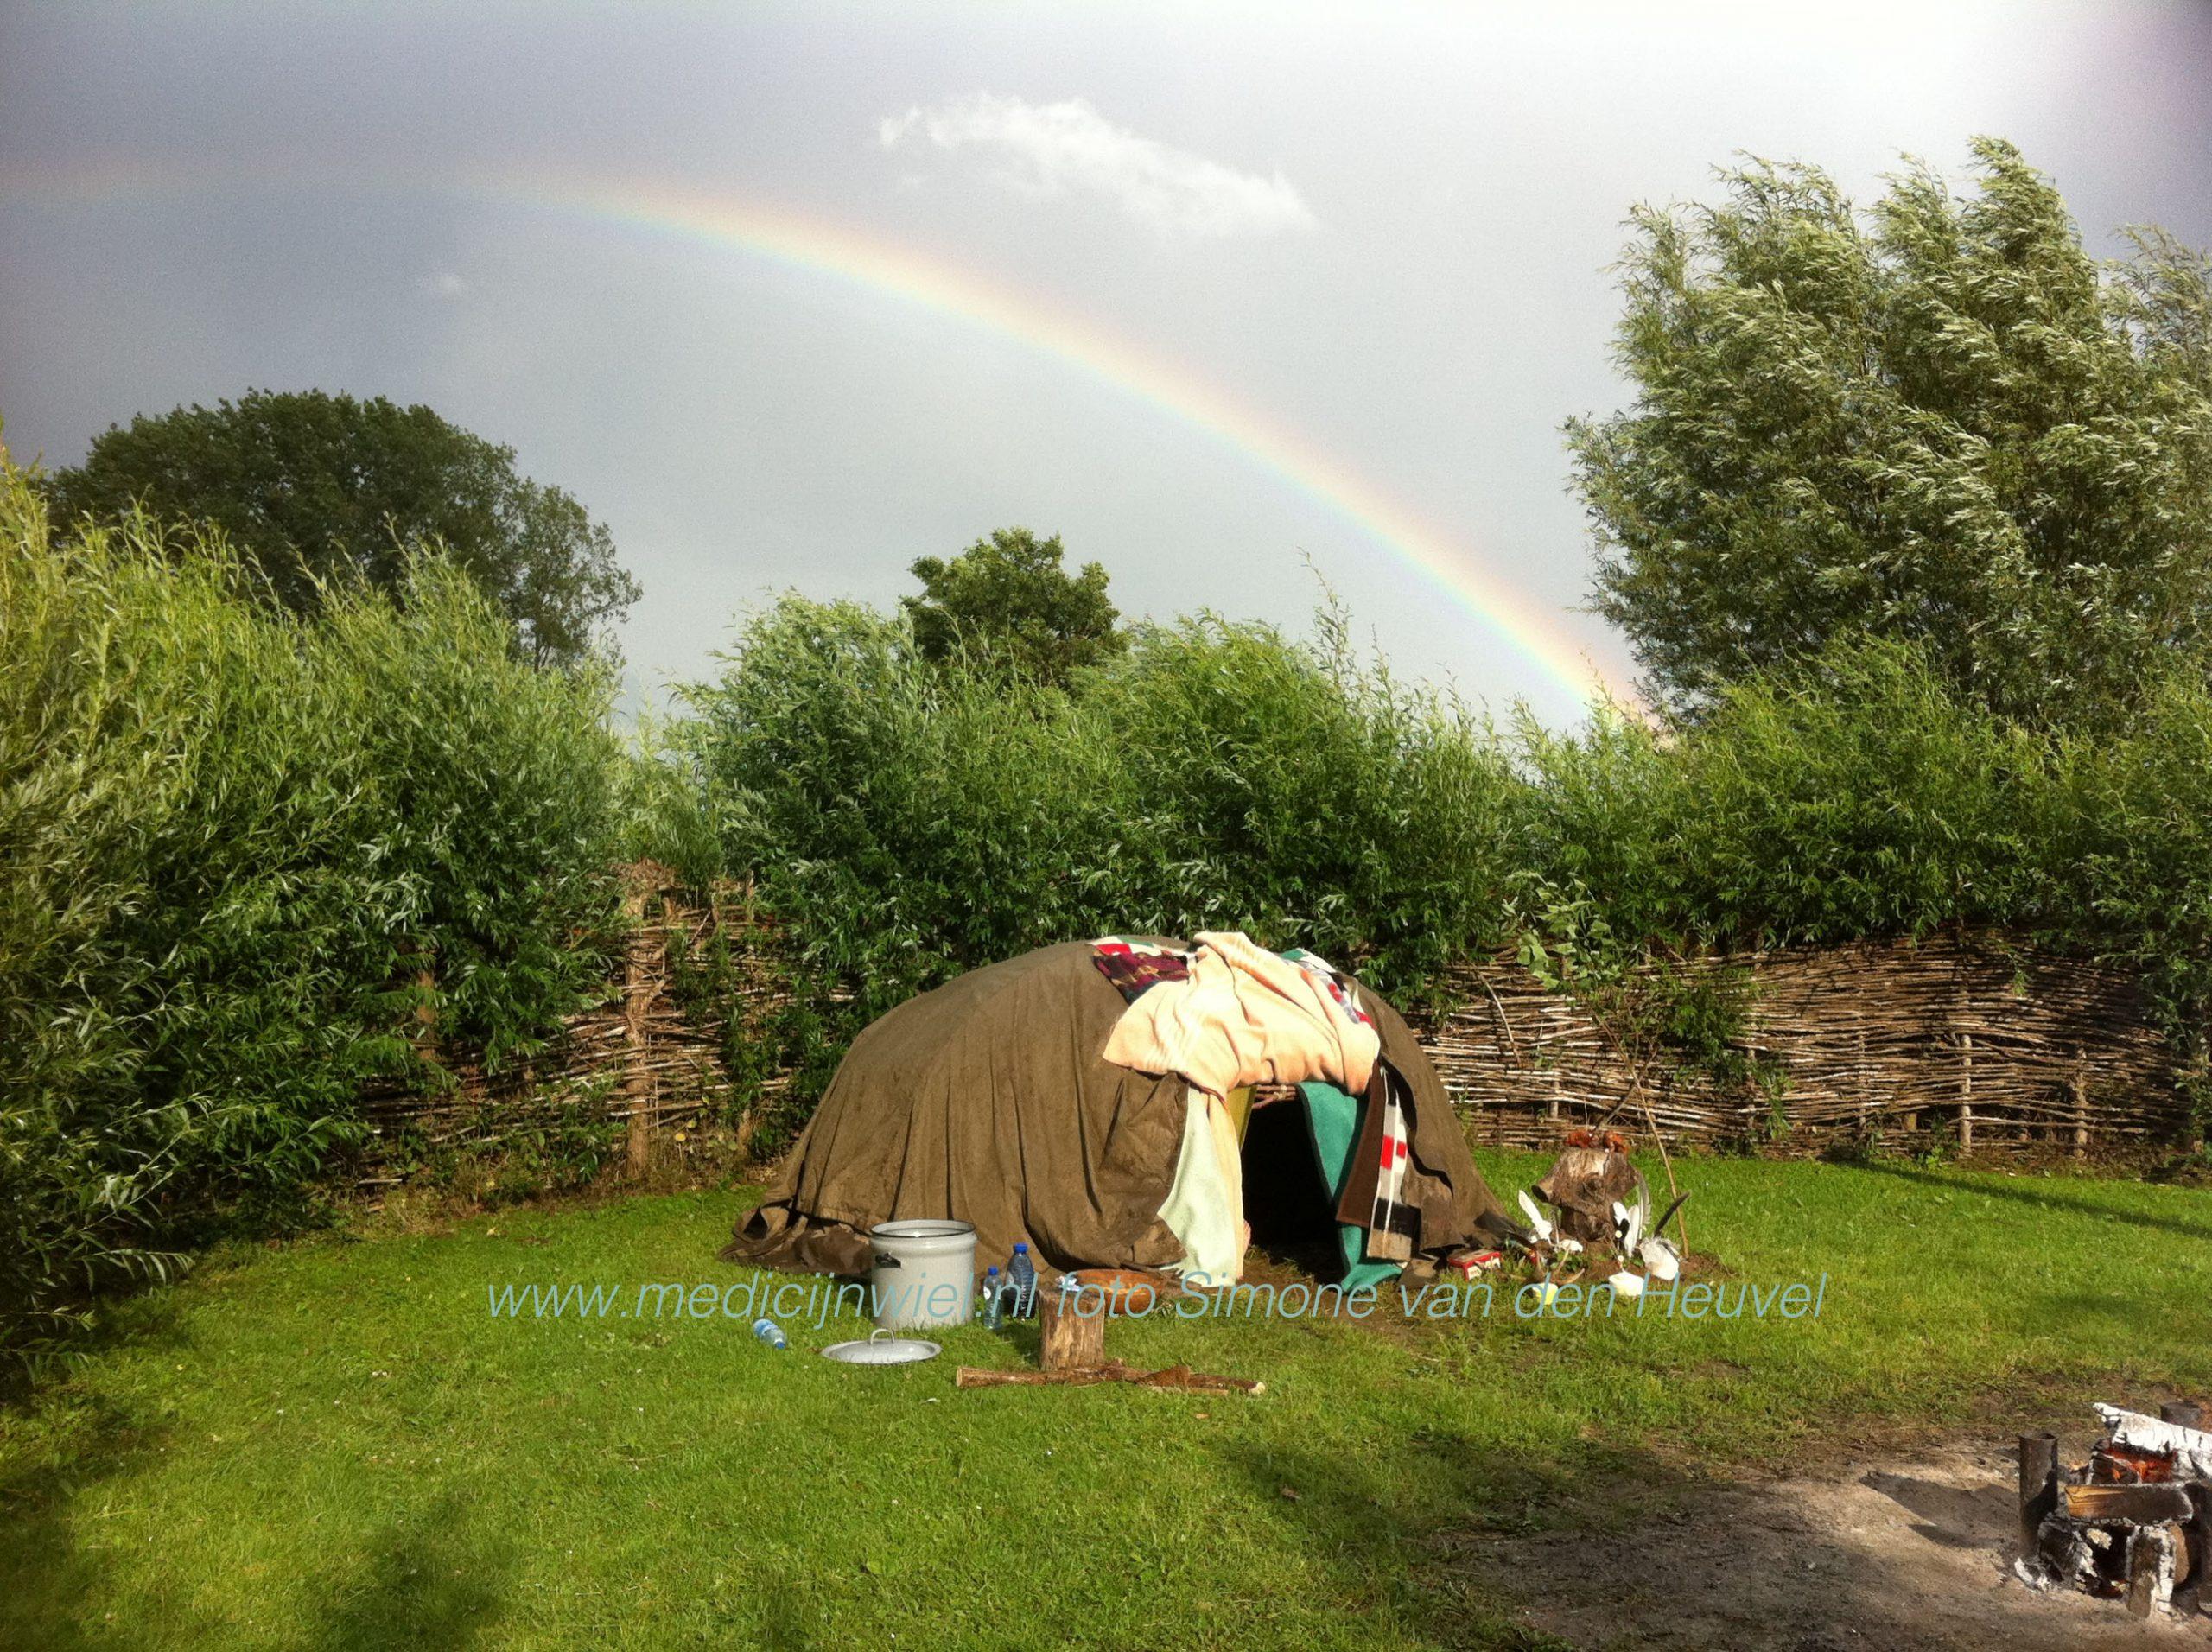 Zweethut met regenboog in de lucht van Simone van den Heuvel, geneeskundige therapeut